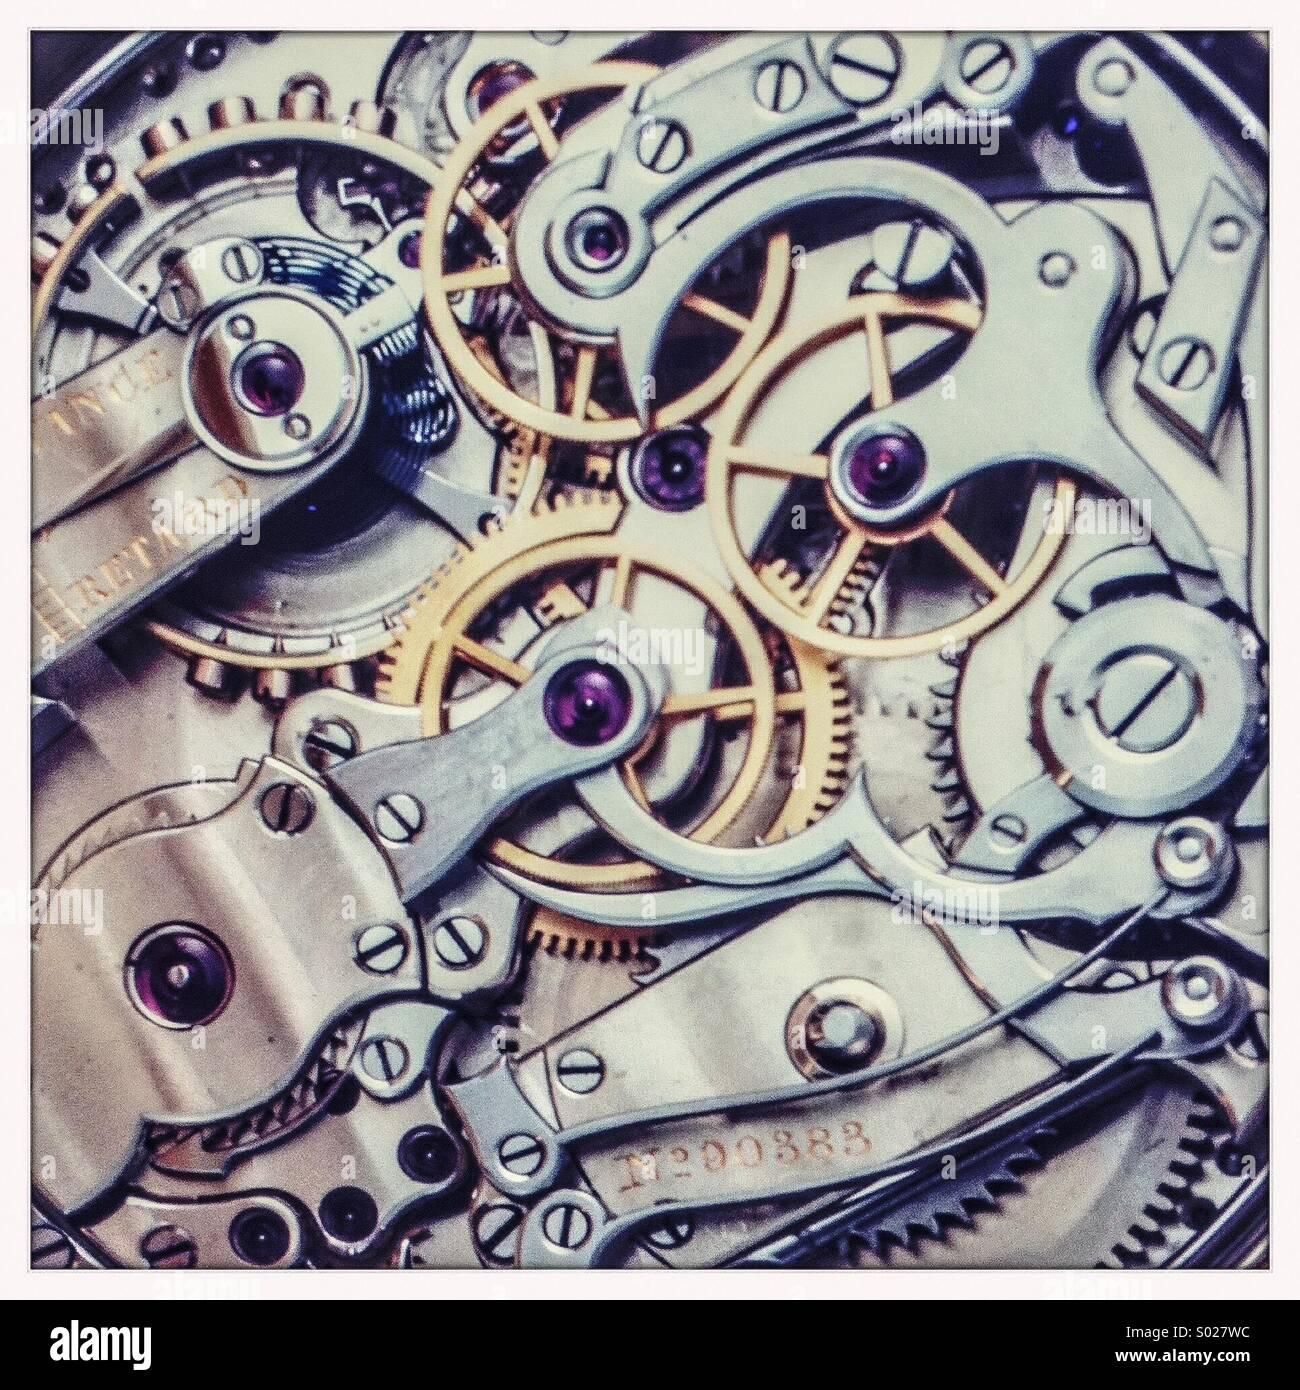 Vista ravvicinata del movimento di un orologio da tasca Immagini Stock